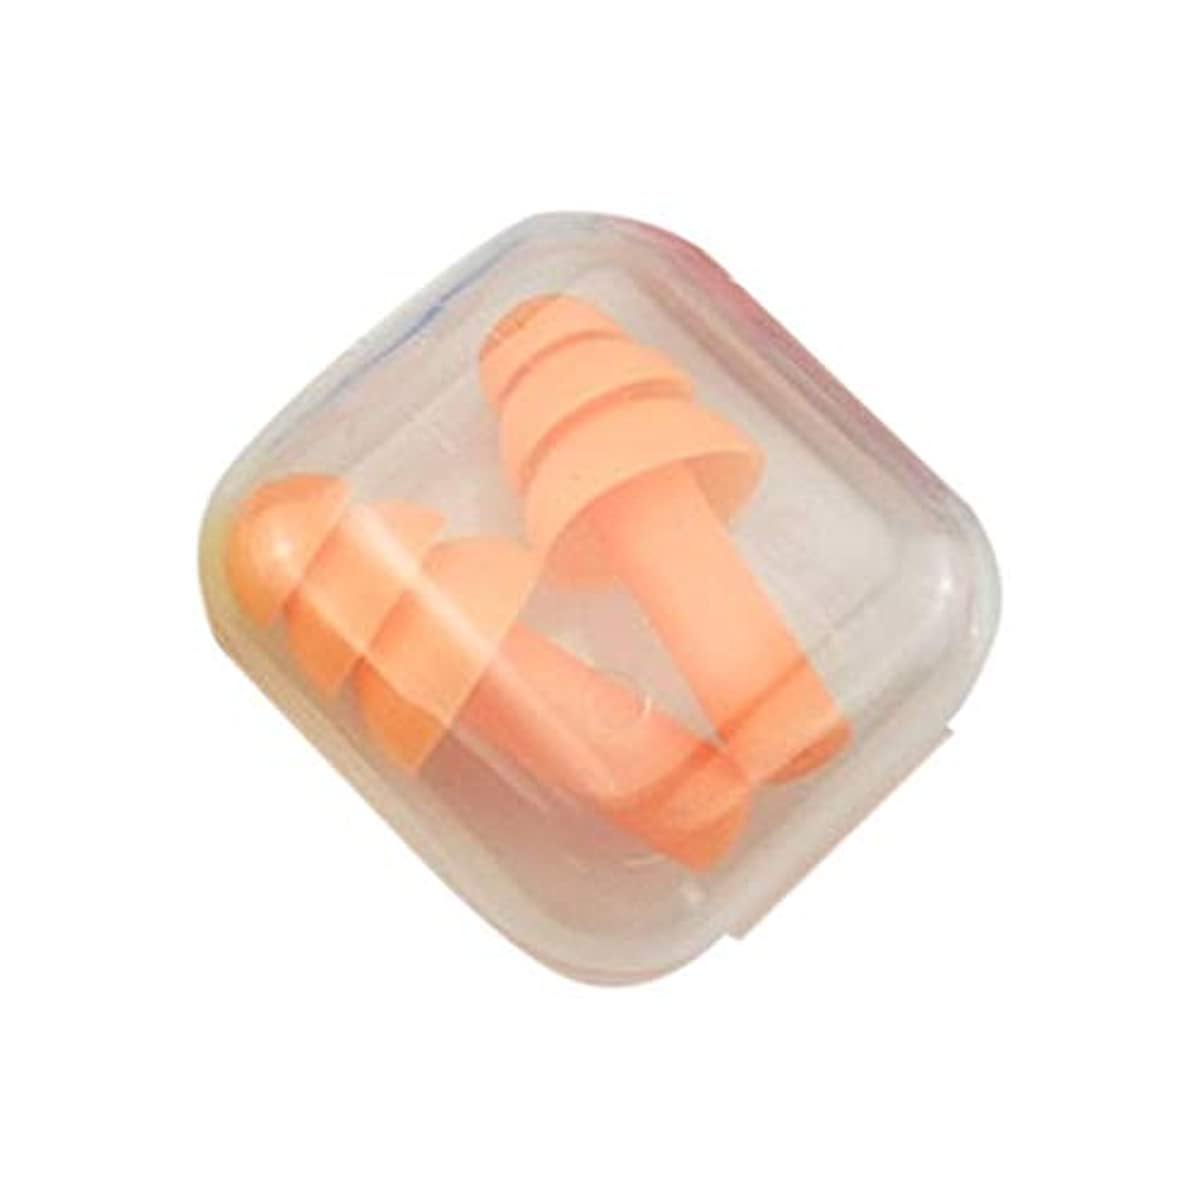 反論残忍なロバソフトシリコン耳栓遮音防音耳栓収納ボックス付き